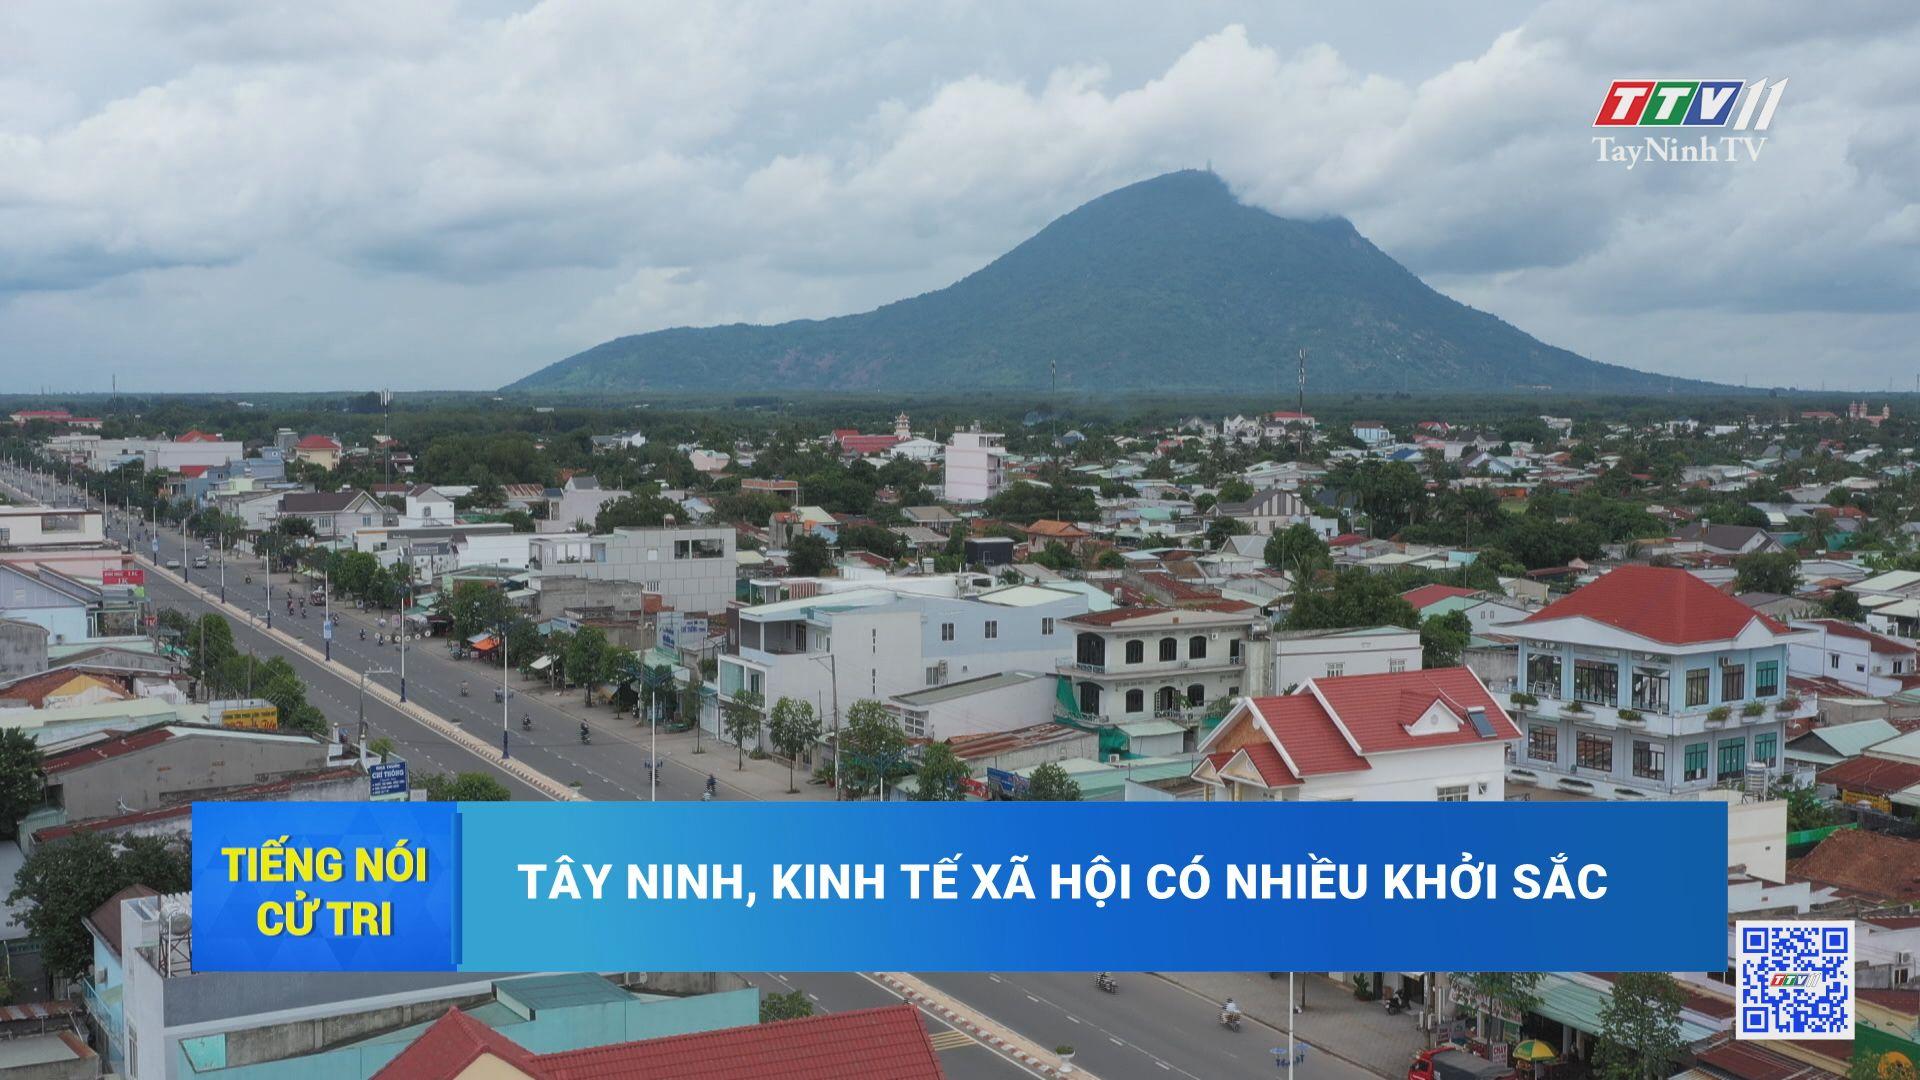 Tây Ninh, kinh tế xã hội có nhiều khởi sắc | TIẾNG NÓI CỬ TRI | TayNinhTV